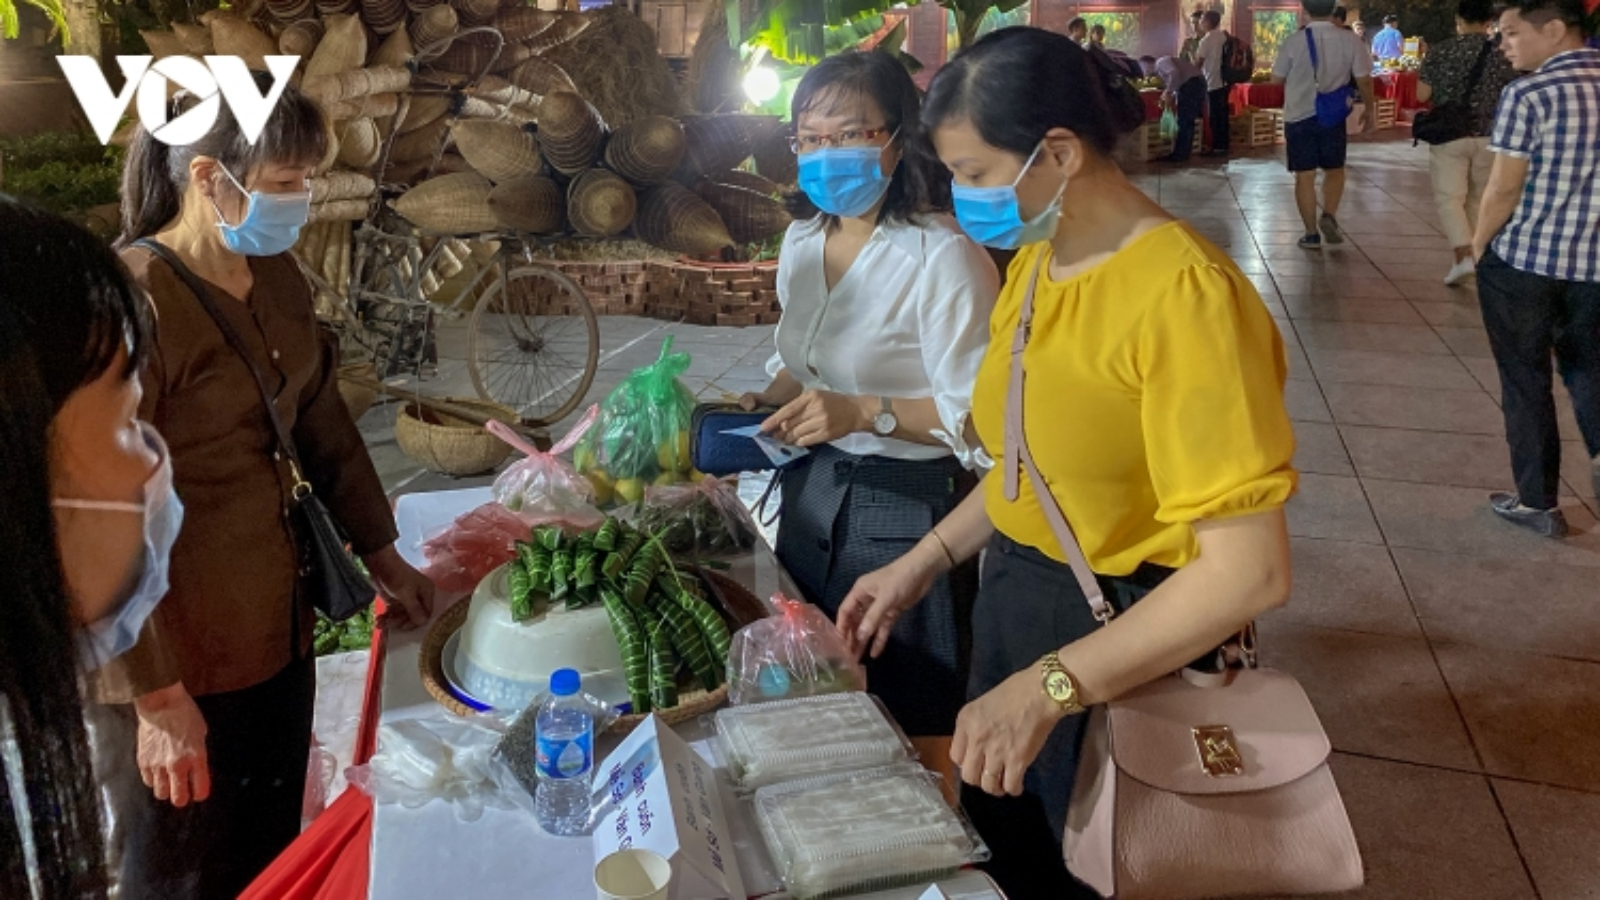 Trải nghiệm văn hóa, thưởng thức đặc sản Hưng Yên ngay tại Hà Nội